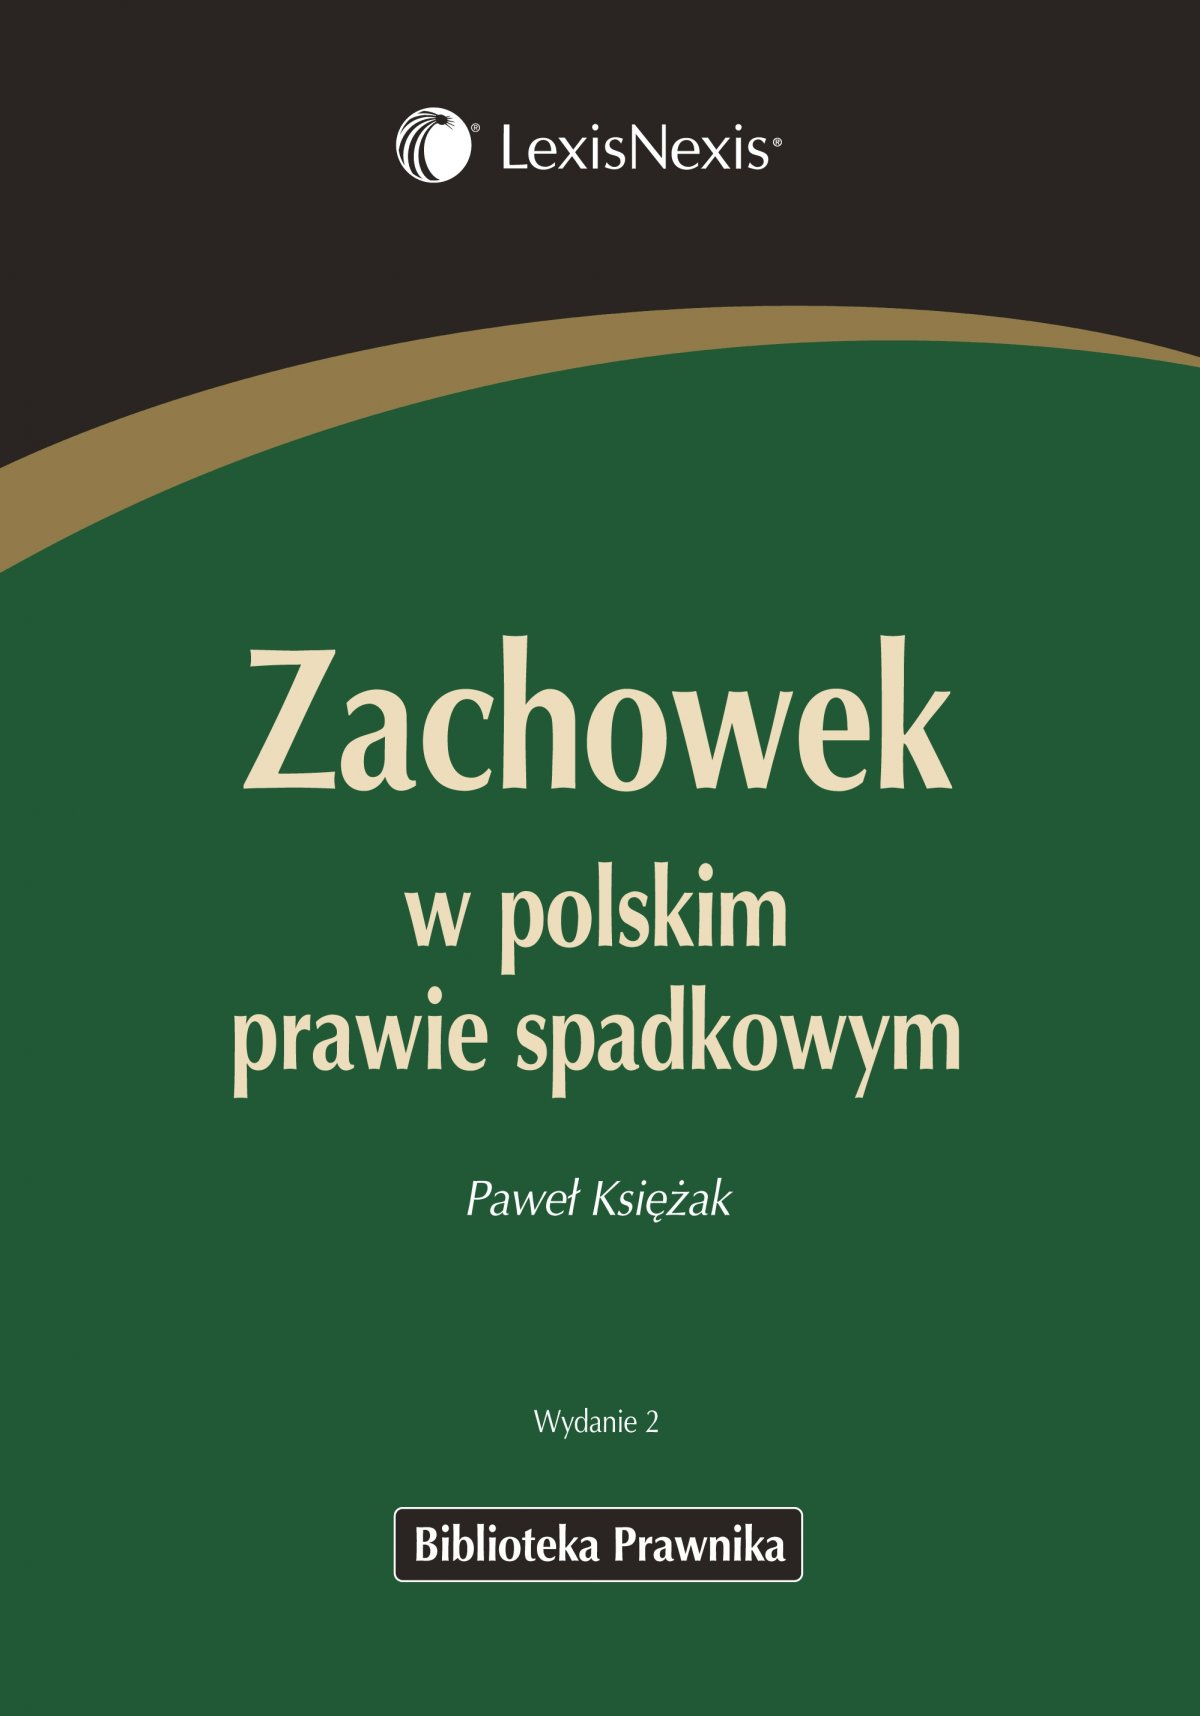 Zachowek w polskim prawie spadkowym - Ebook (Książka PDF) do pobrania w formacie PDF